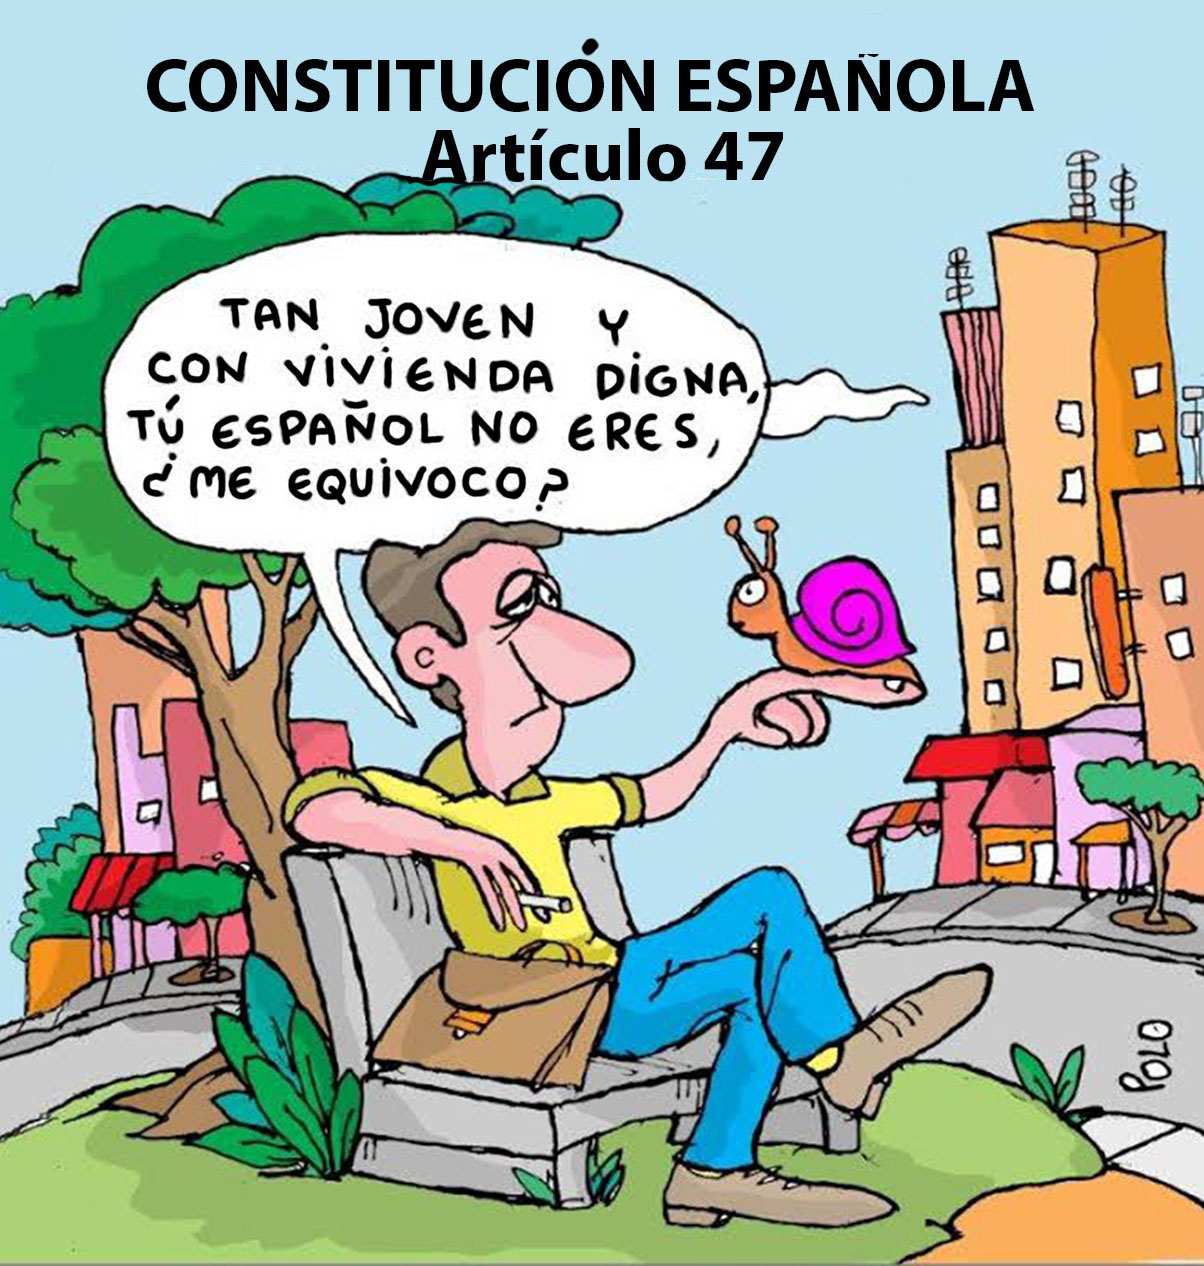 4 - LA POLITICA